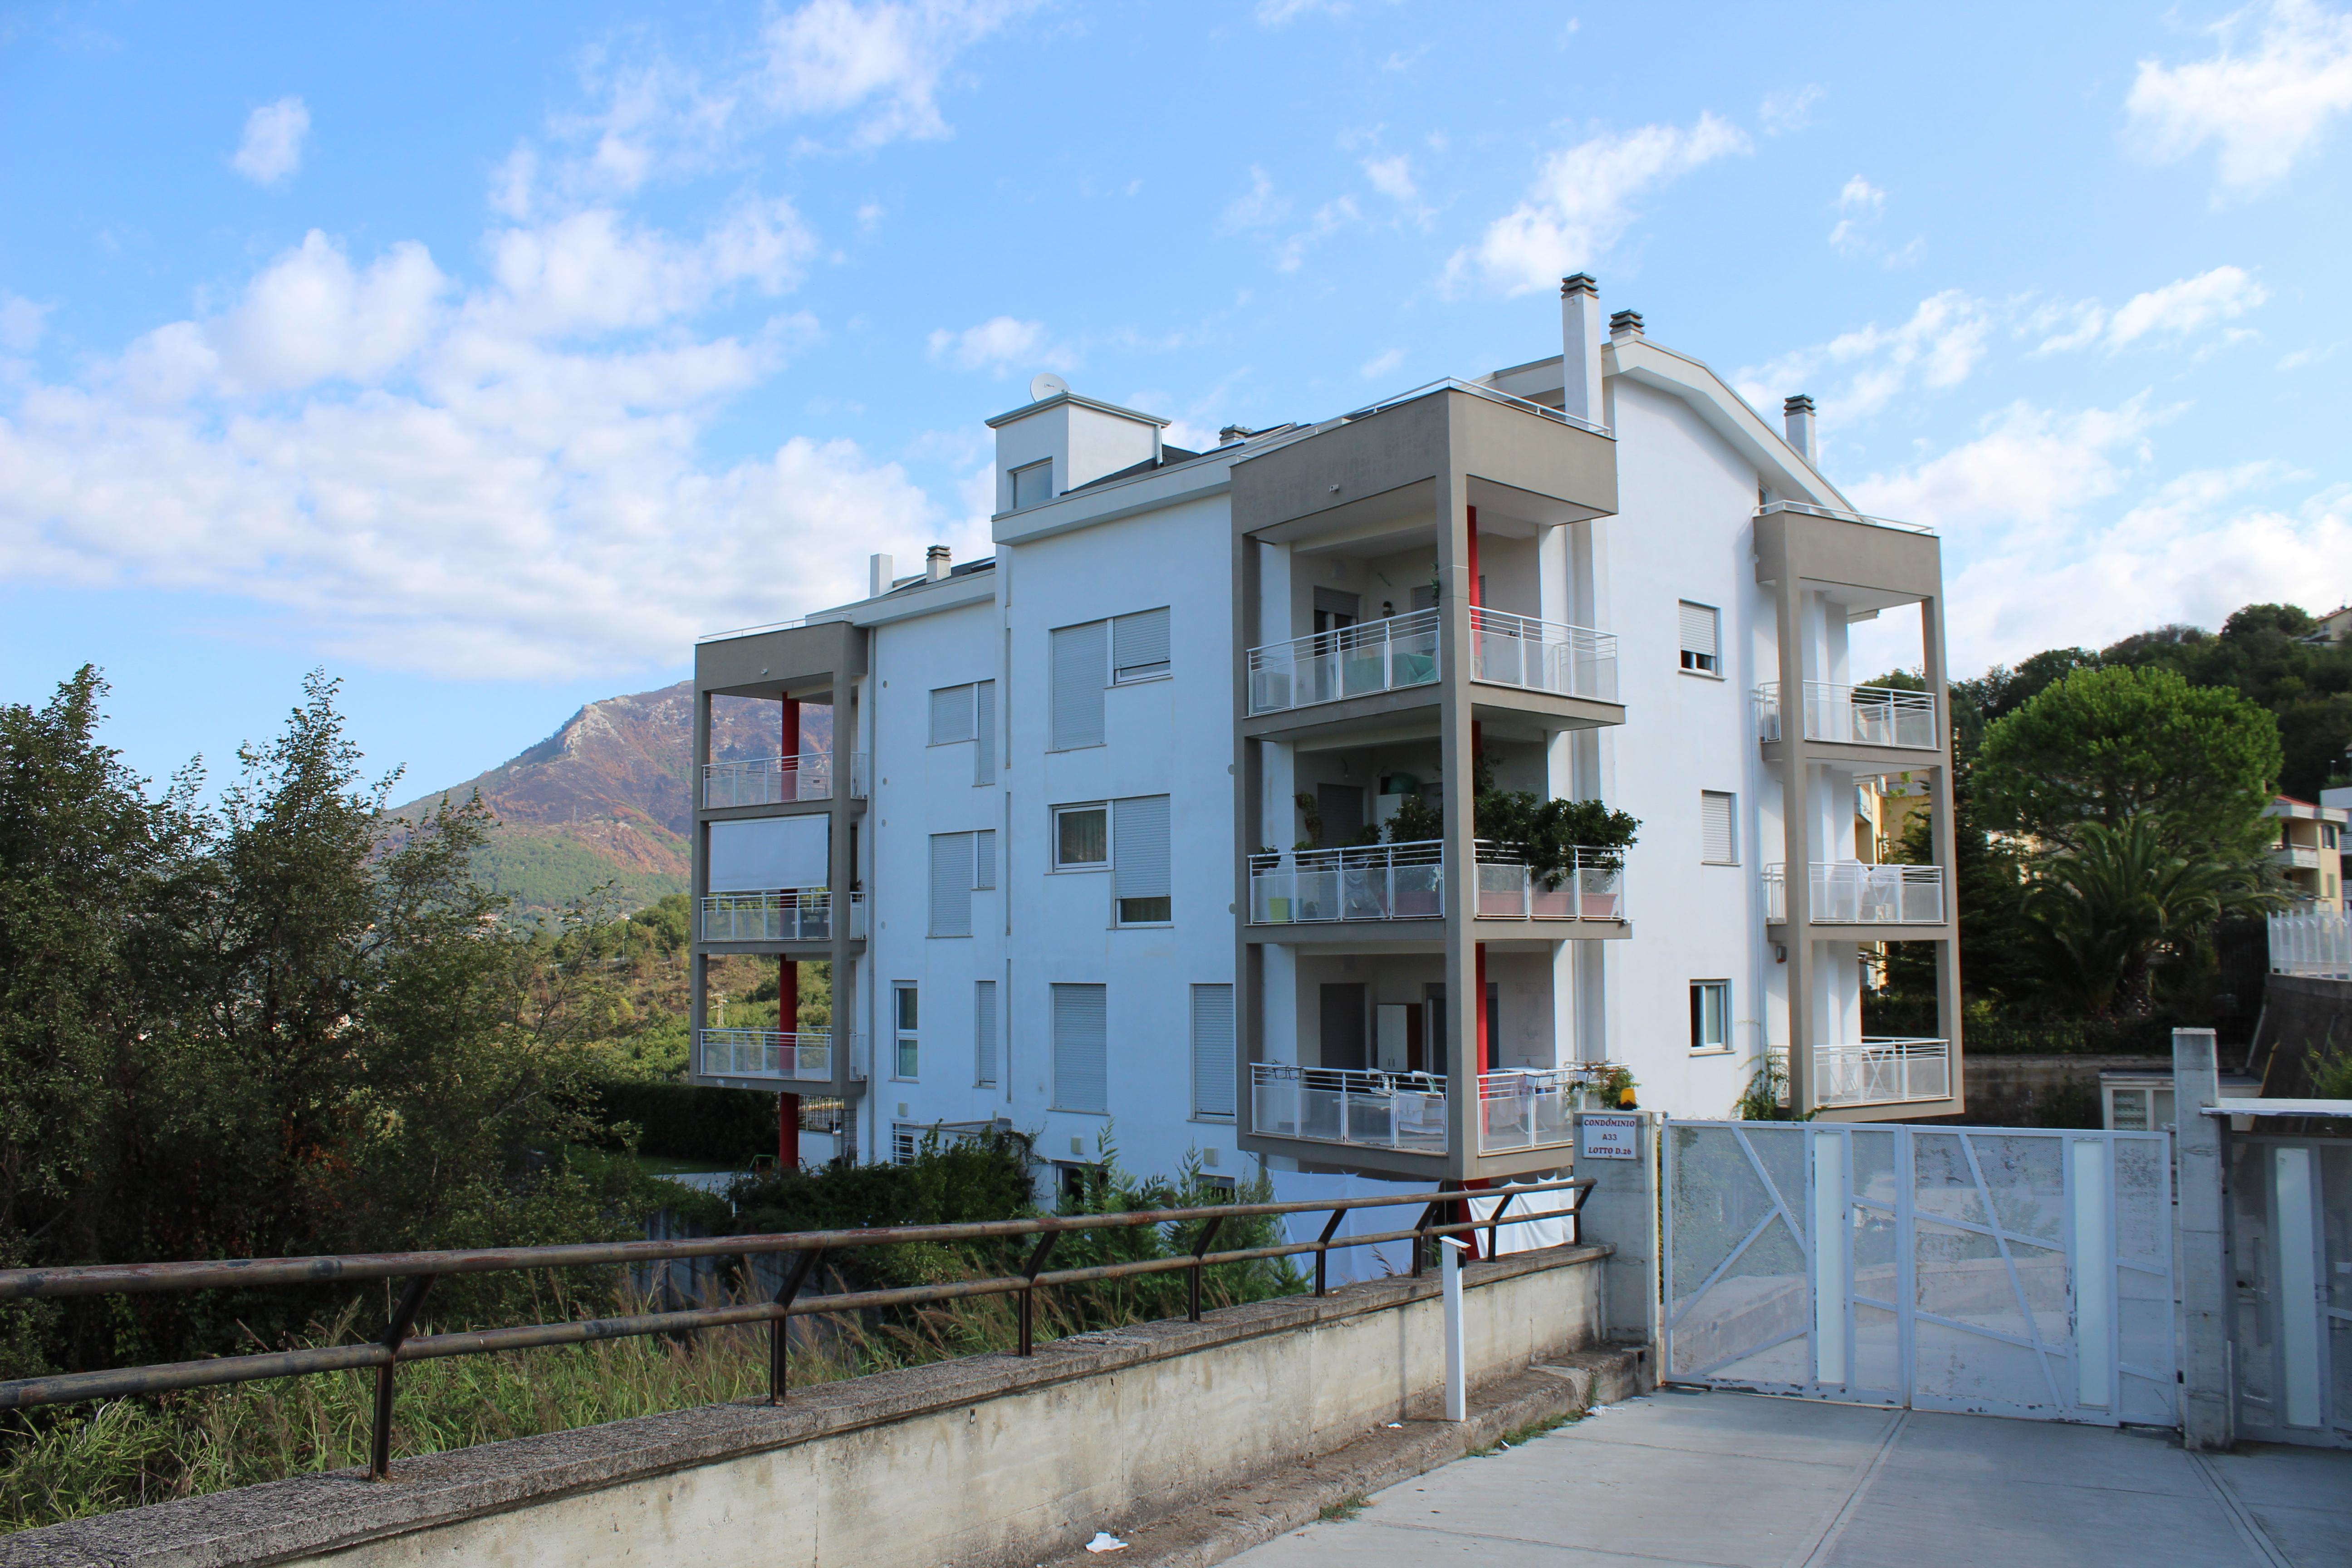 Appartamento in vendita a salerno zona casa manzo novim for Casa con appartamento seminterrato in vendita